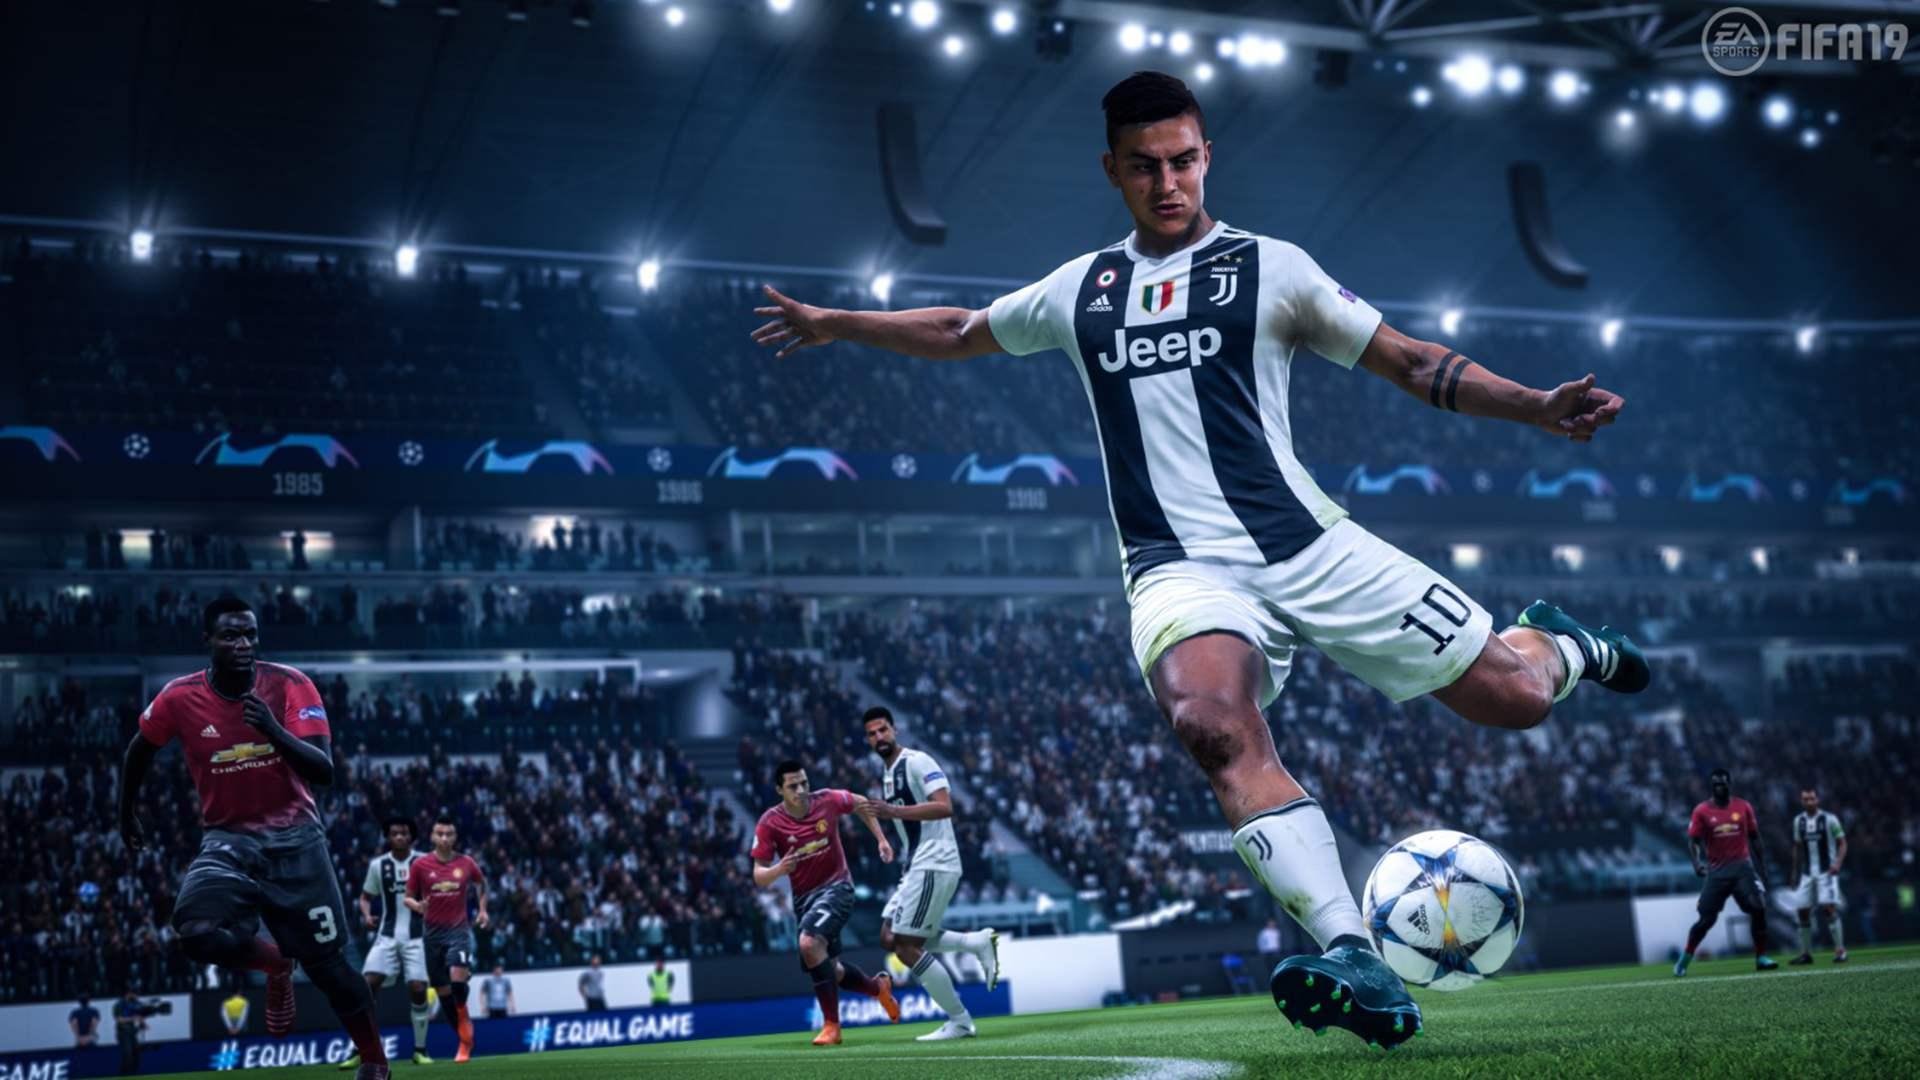 FIFA 19图片